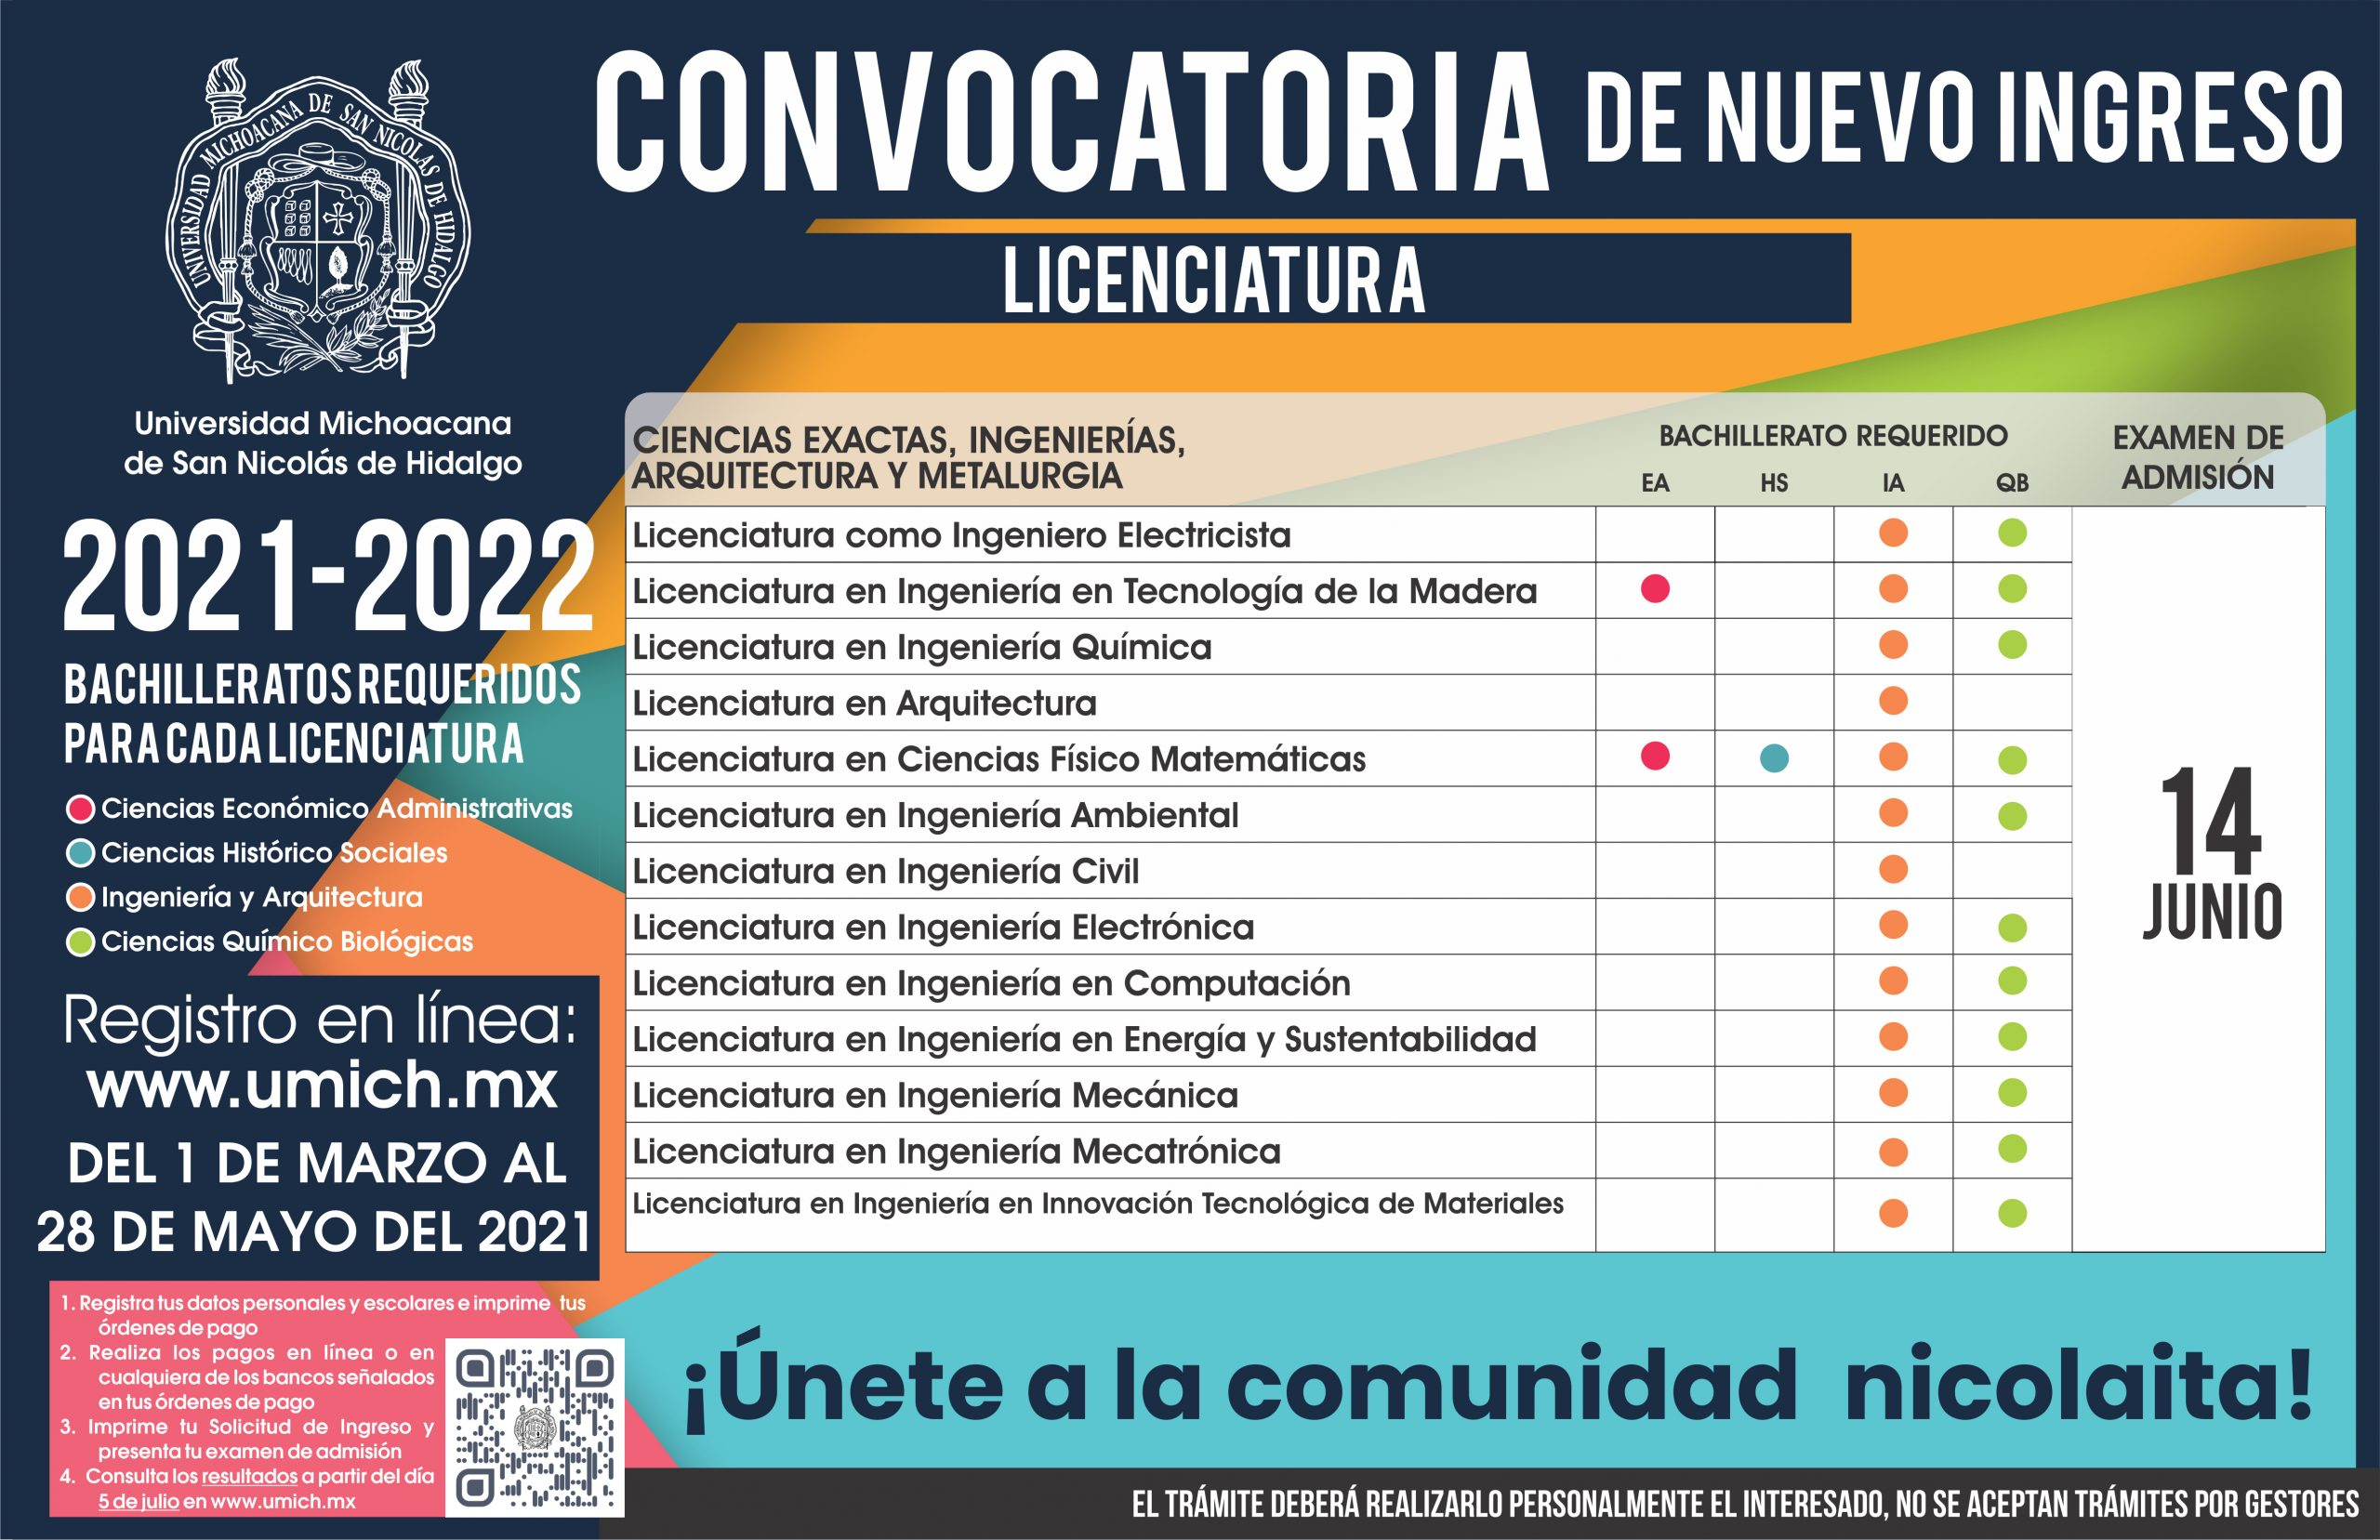 Licenciaturas que ofrece la UMSNH en el área de las Ciencias Exactas, Ingeniería, Arquitectura y Metalurgia